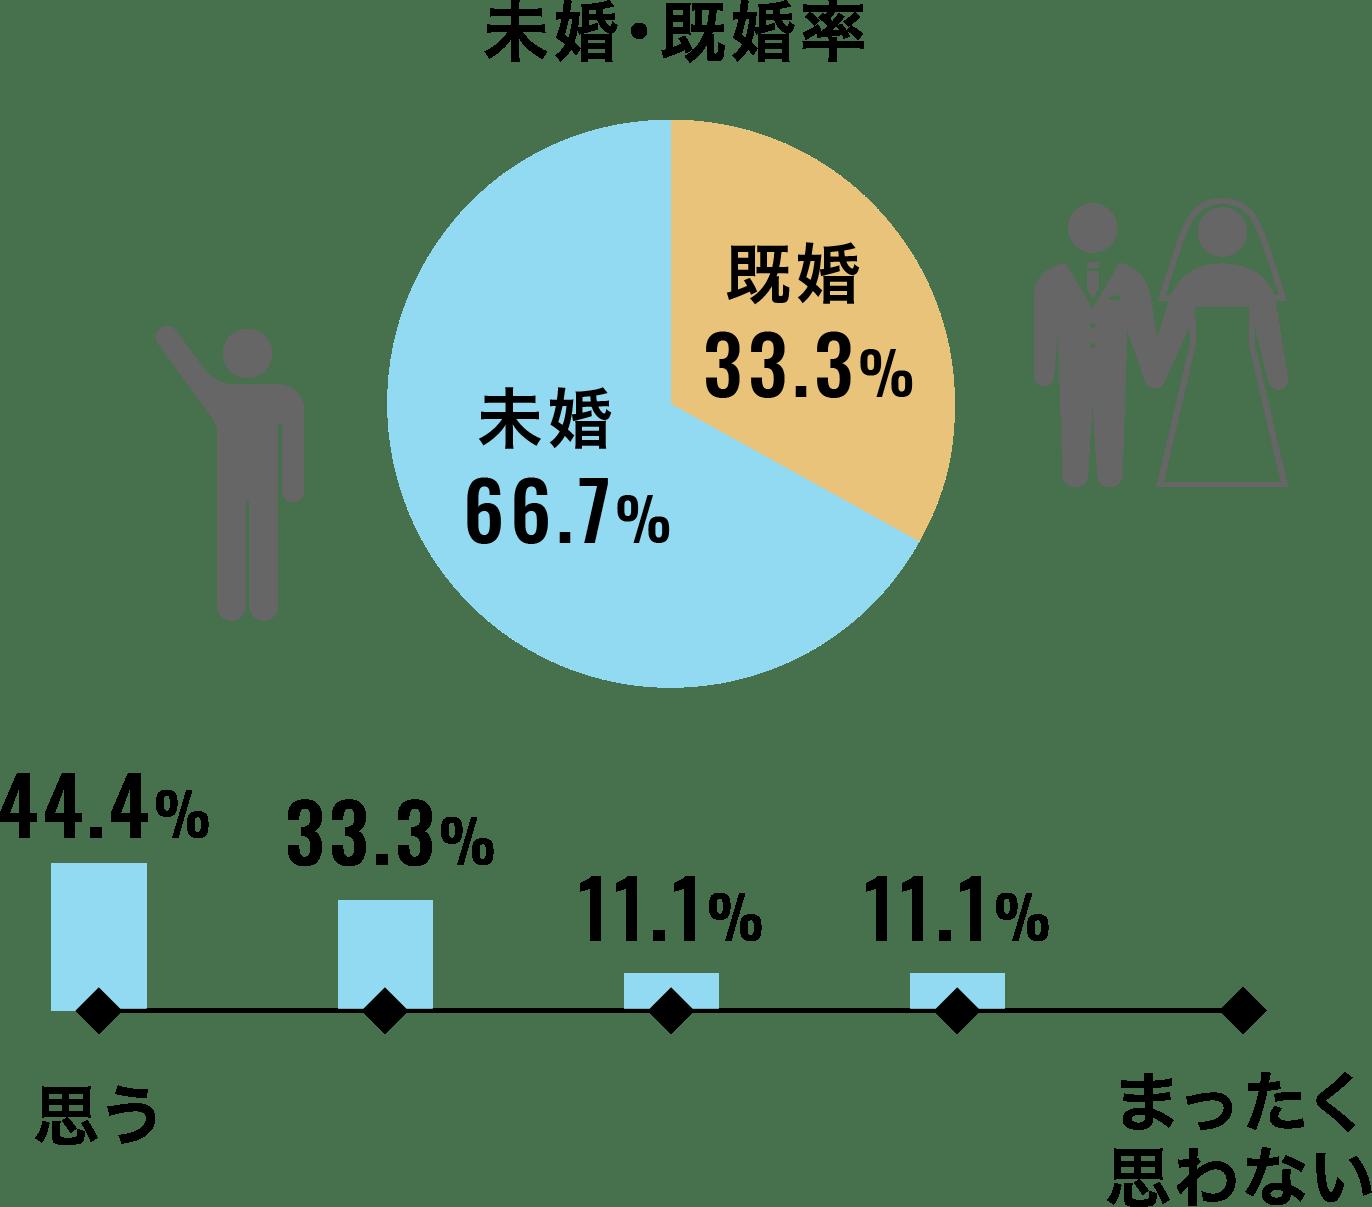 【未婚・既婚率】既婚33.3%、未婚66.7% 【思う】44.4% 【まったく思わない】0%